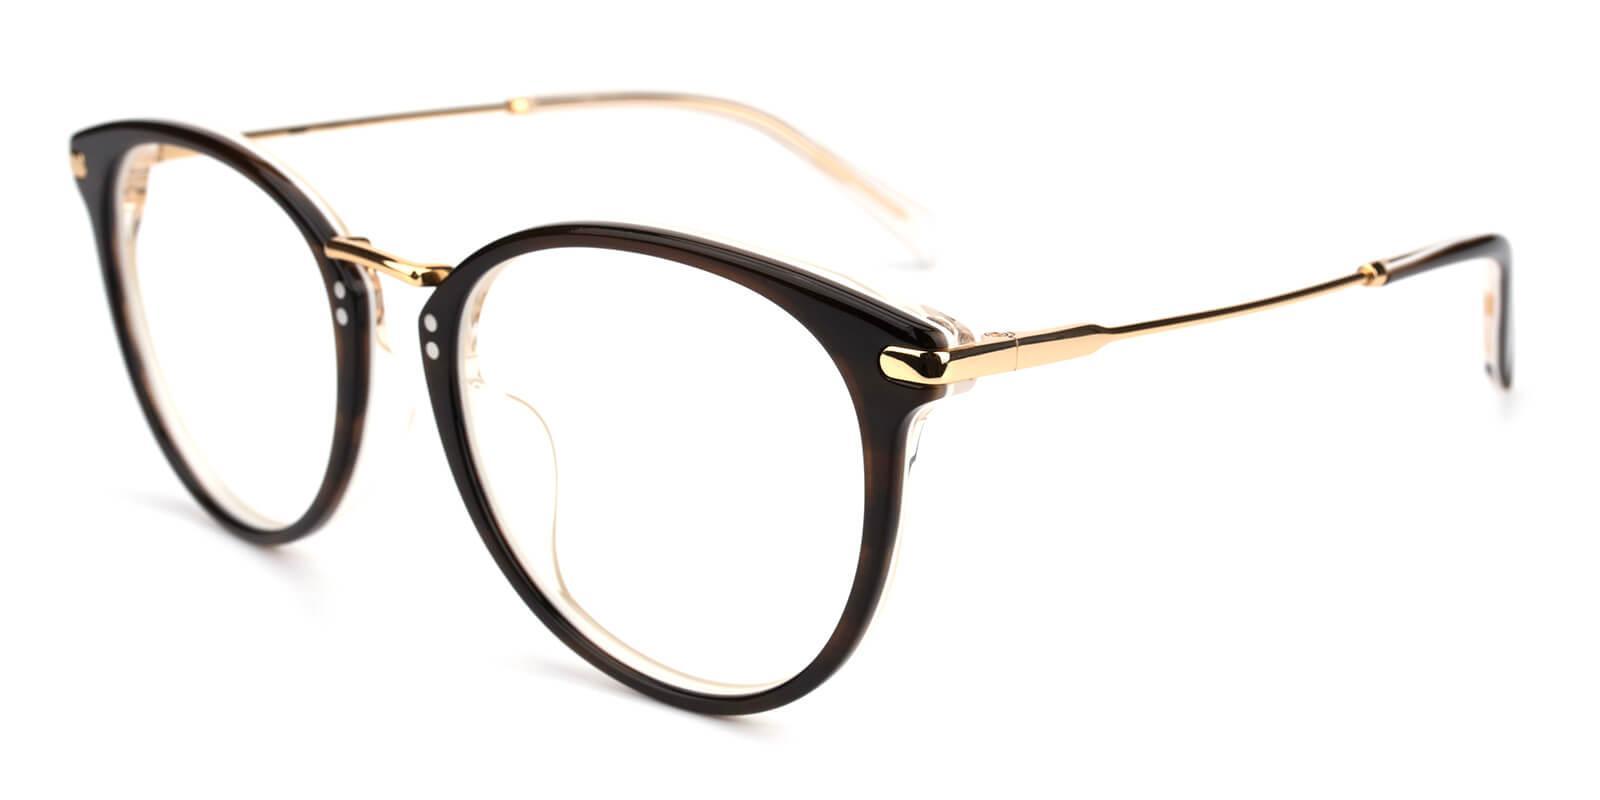 Valkder-Brown-Round-Metal-Eyeglasses-additional1